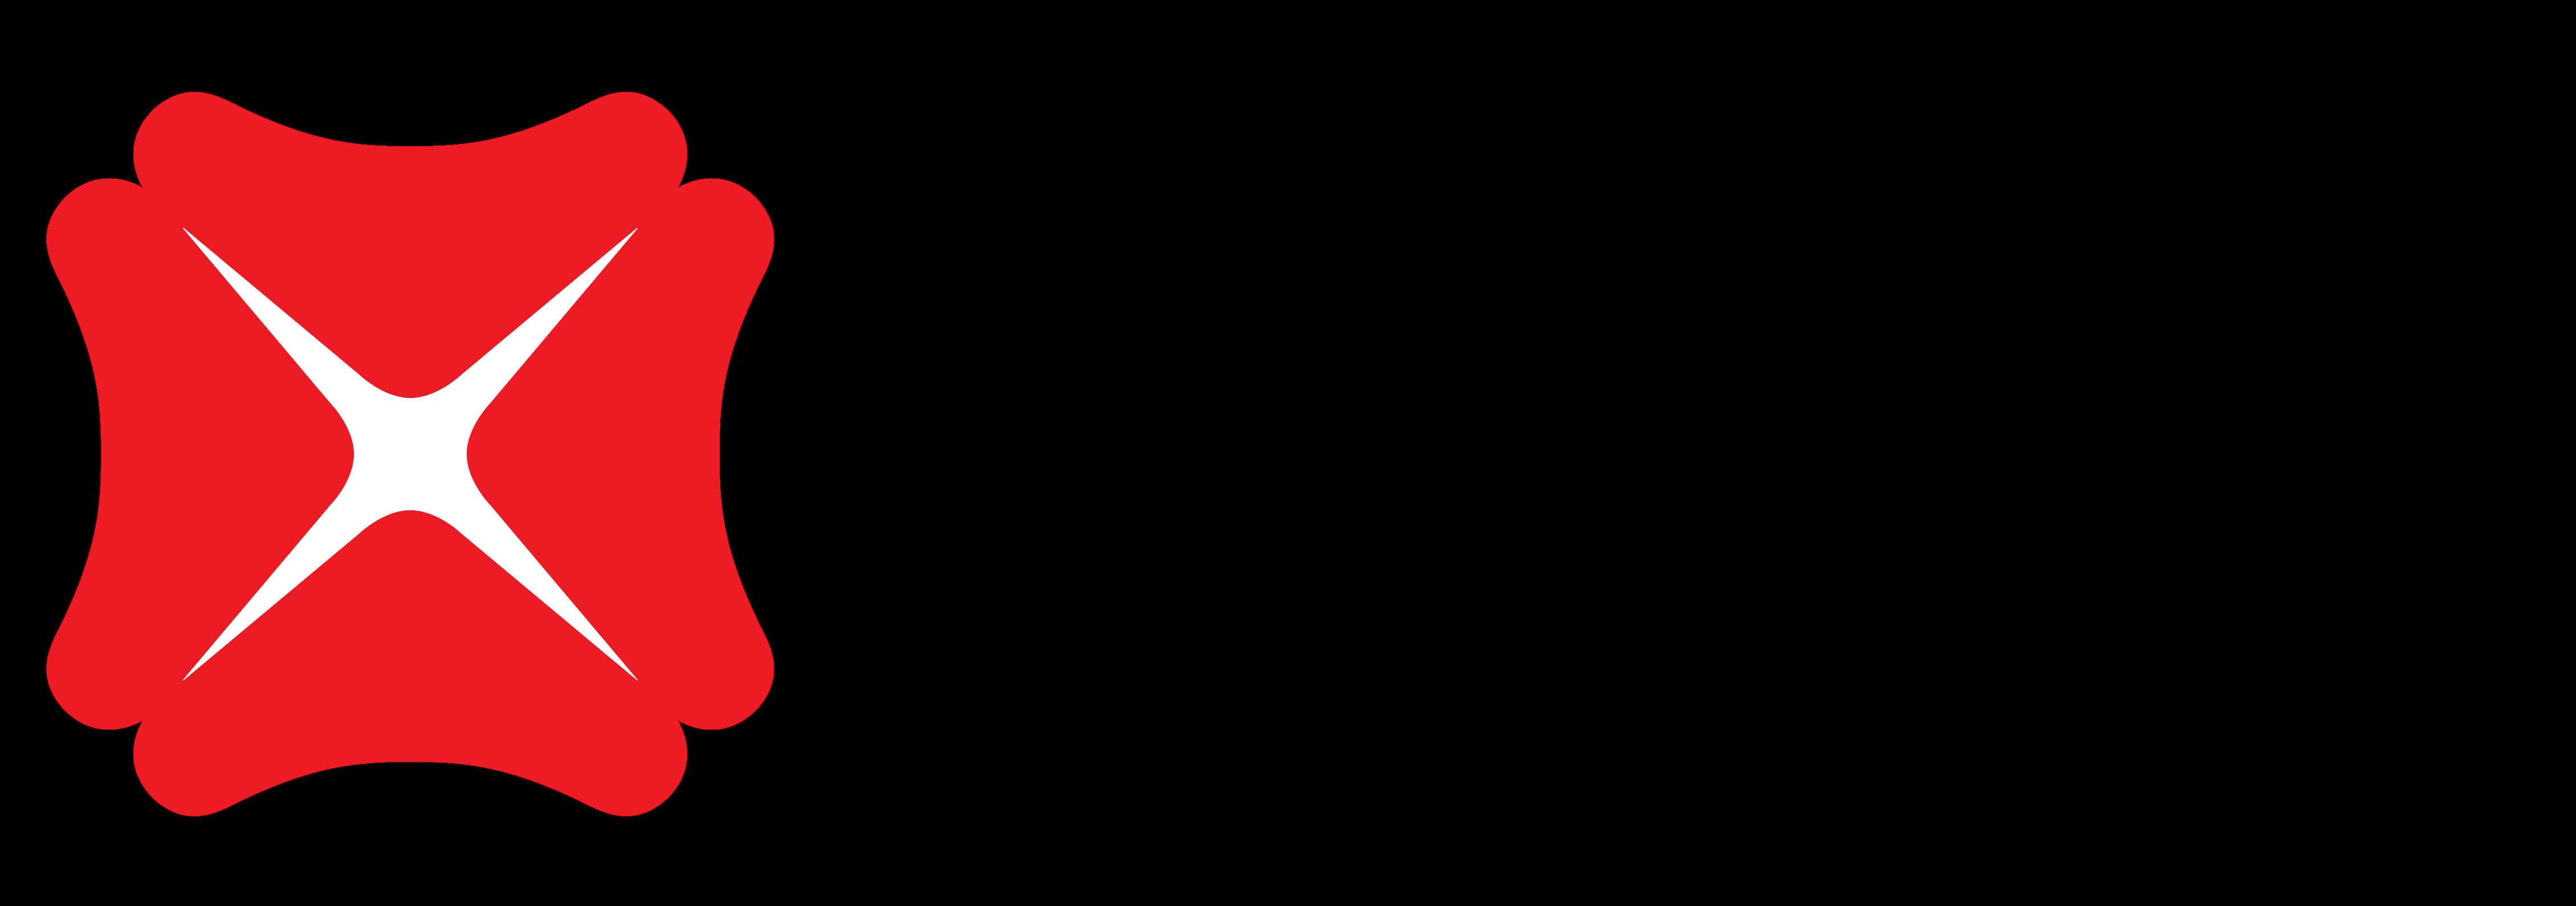 Logo von DBS Bank Limited Singapur